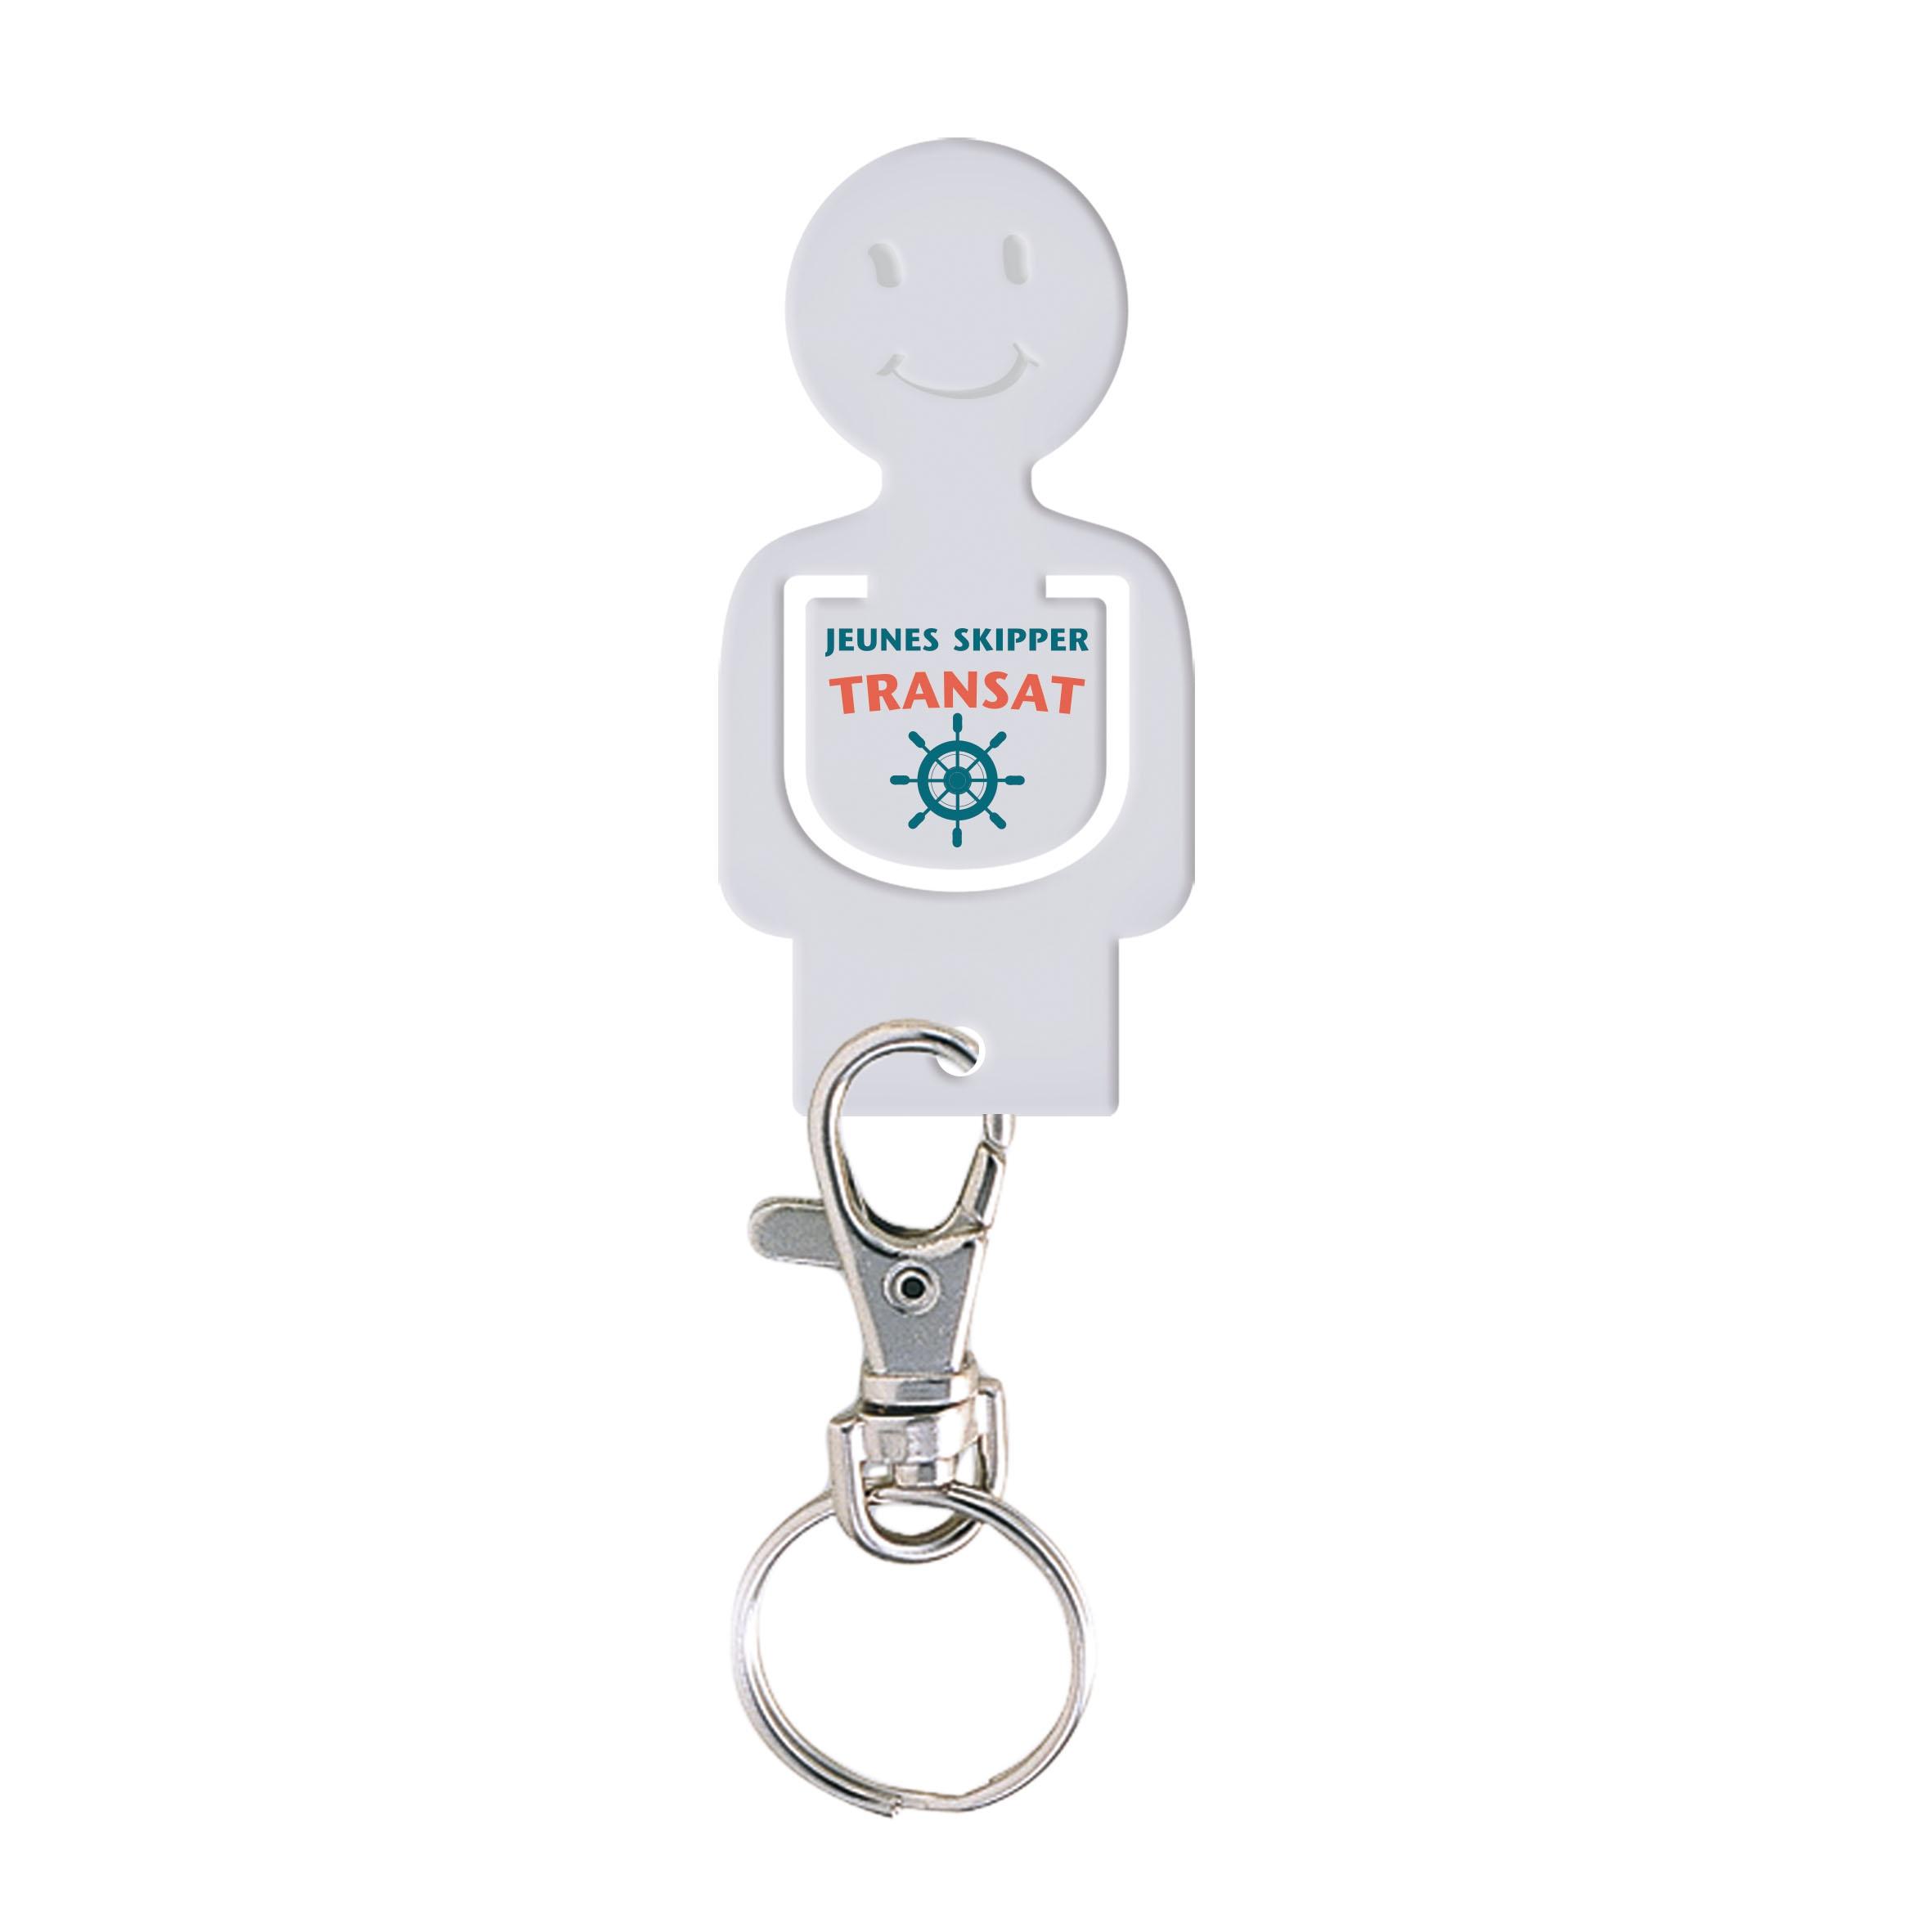 Porte-clés personnalisable jeton caddie Figurine - Goodies salon - blanc